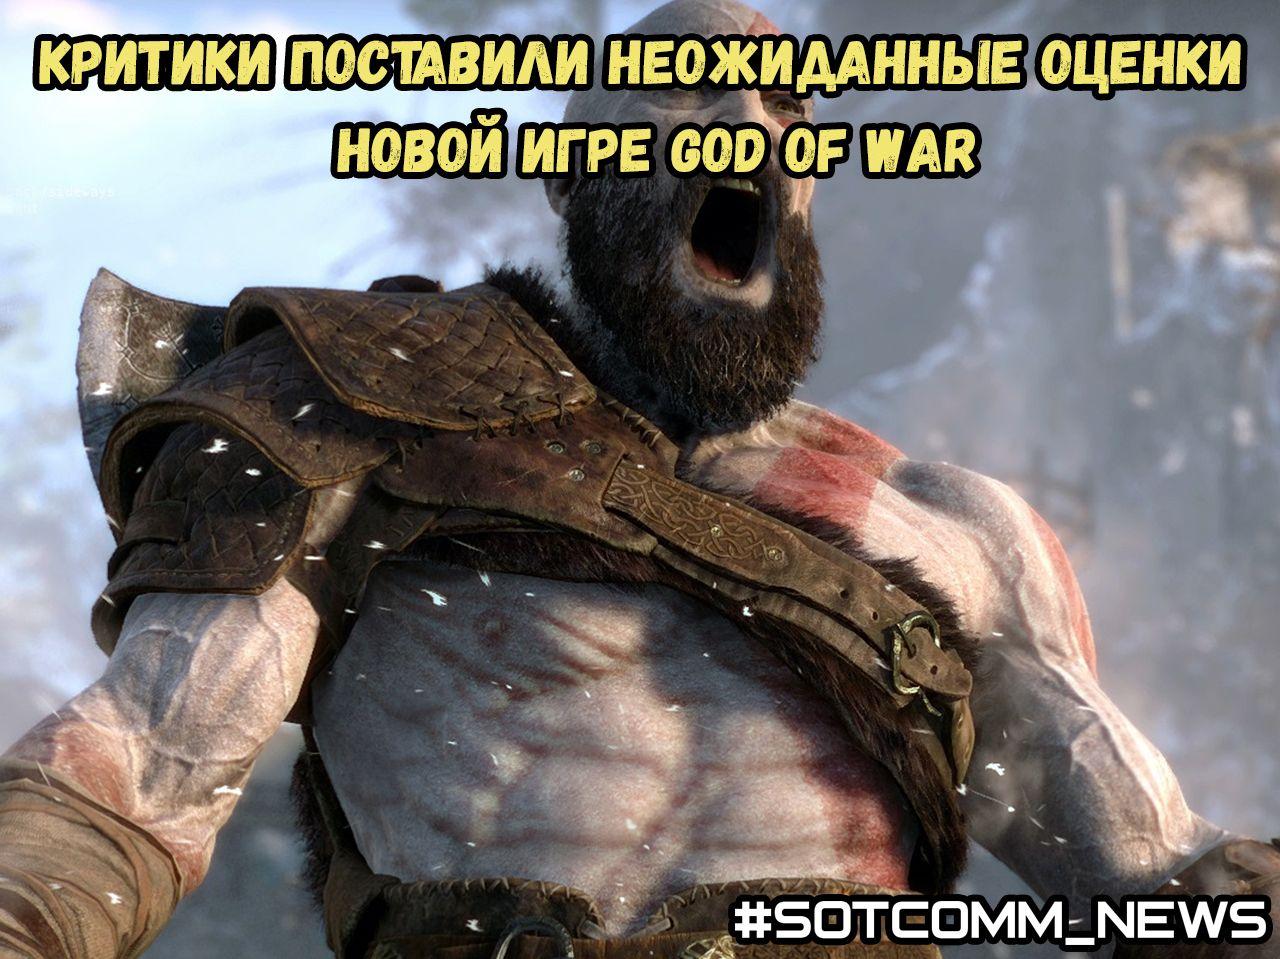 Критики поставили неожиданные оценки игре God of War